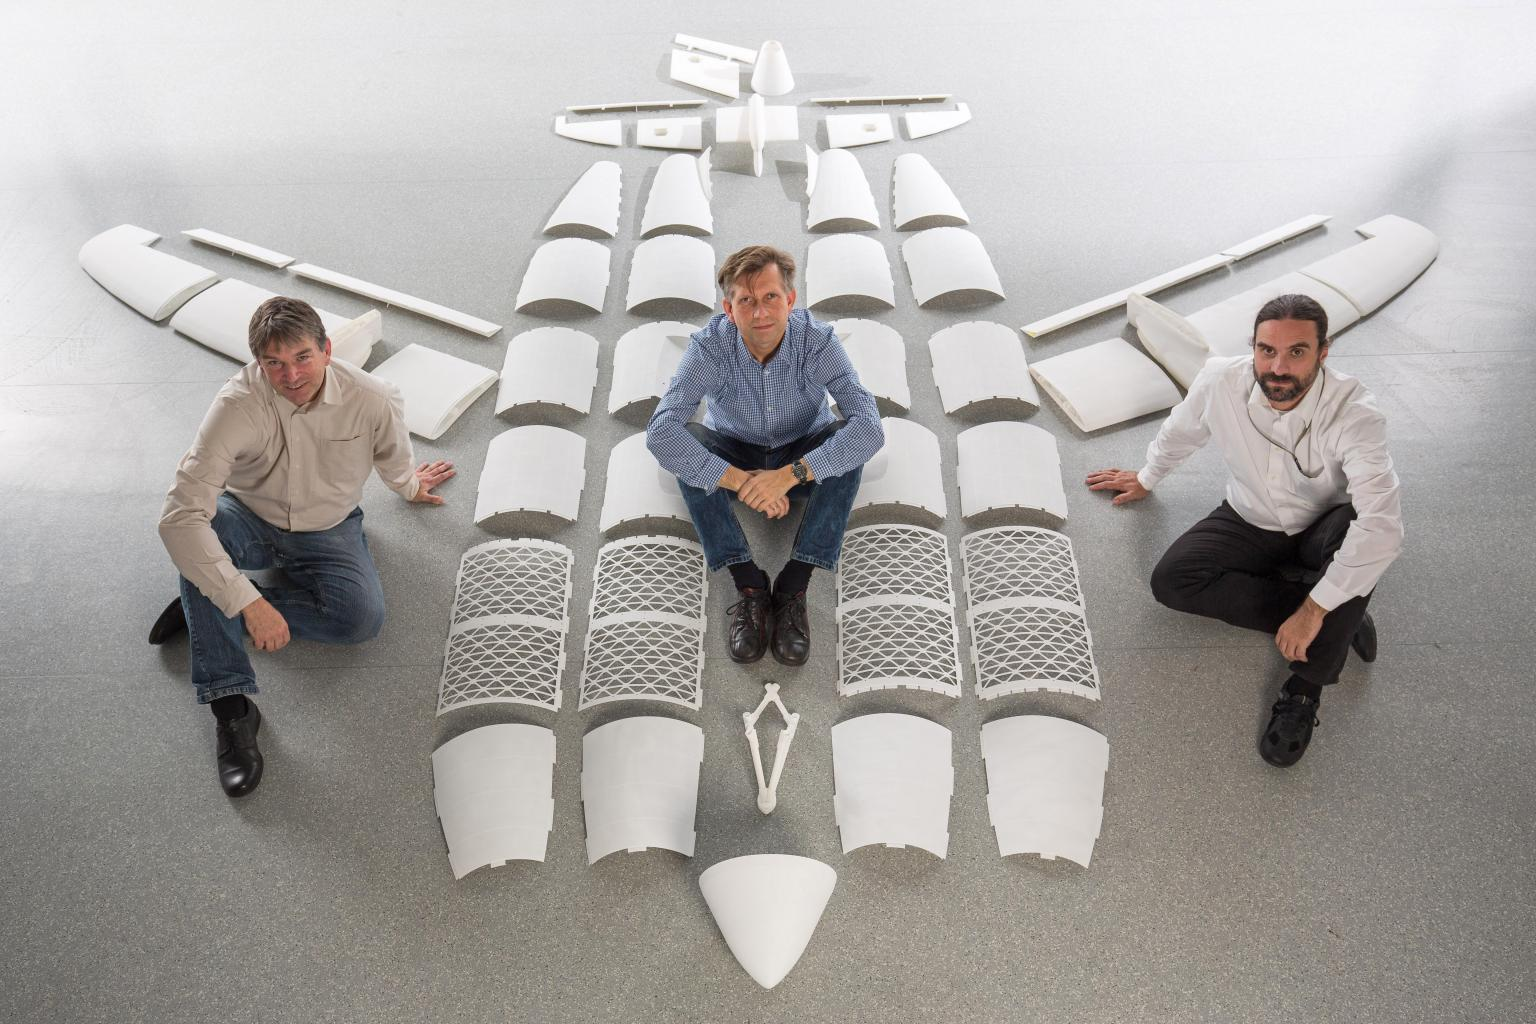 The Airbus design team display THOR's composites